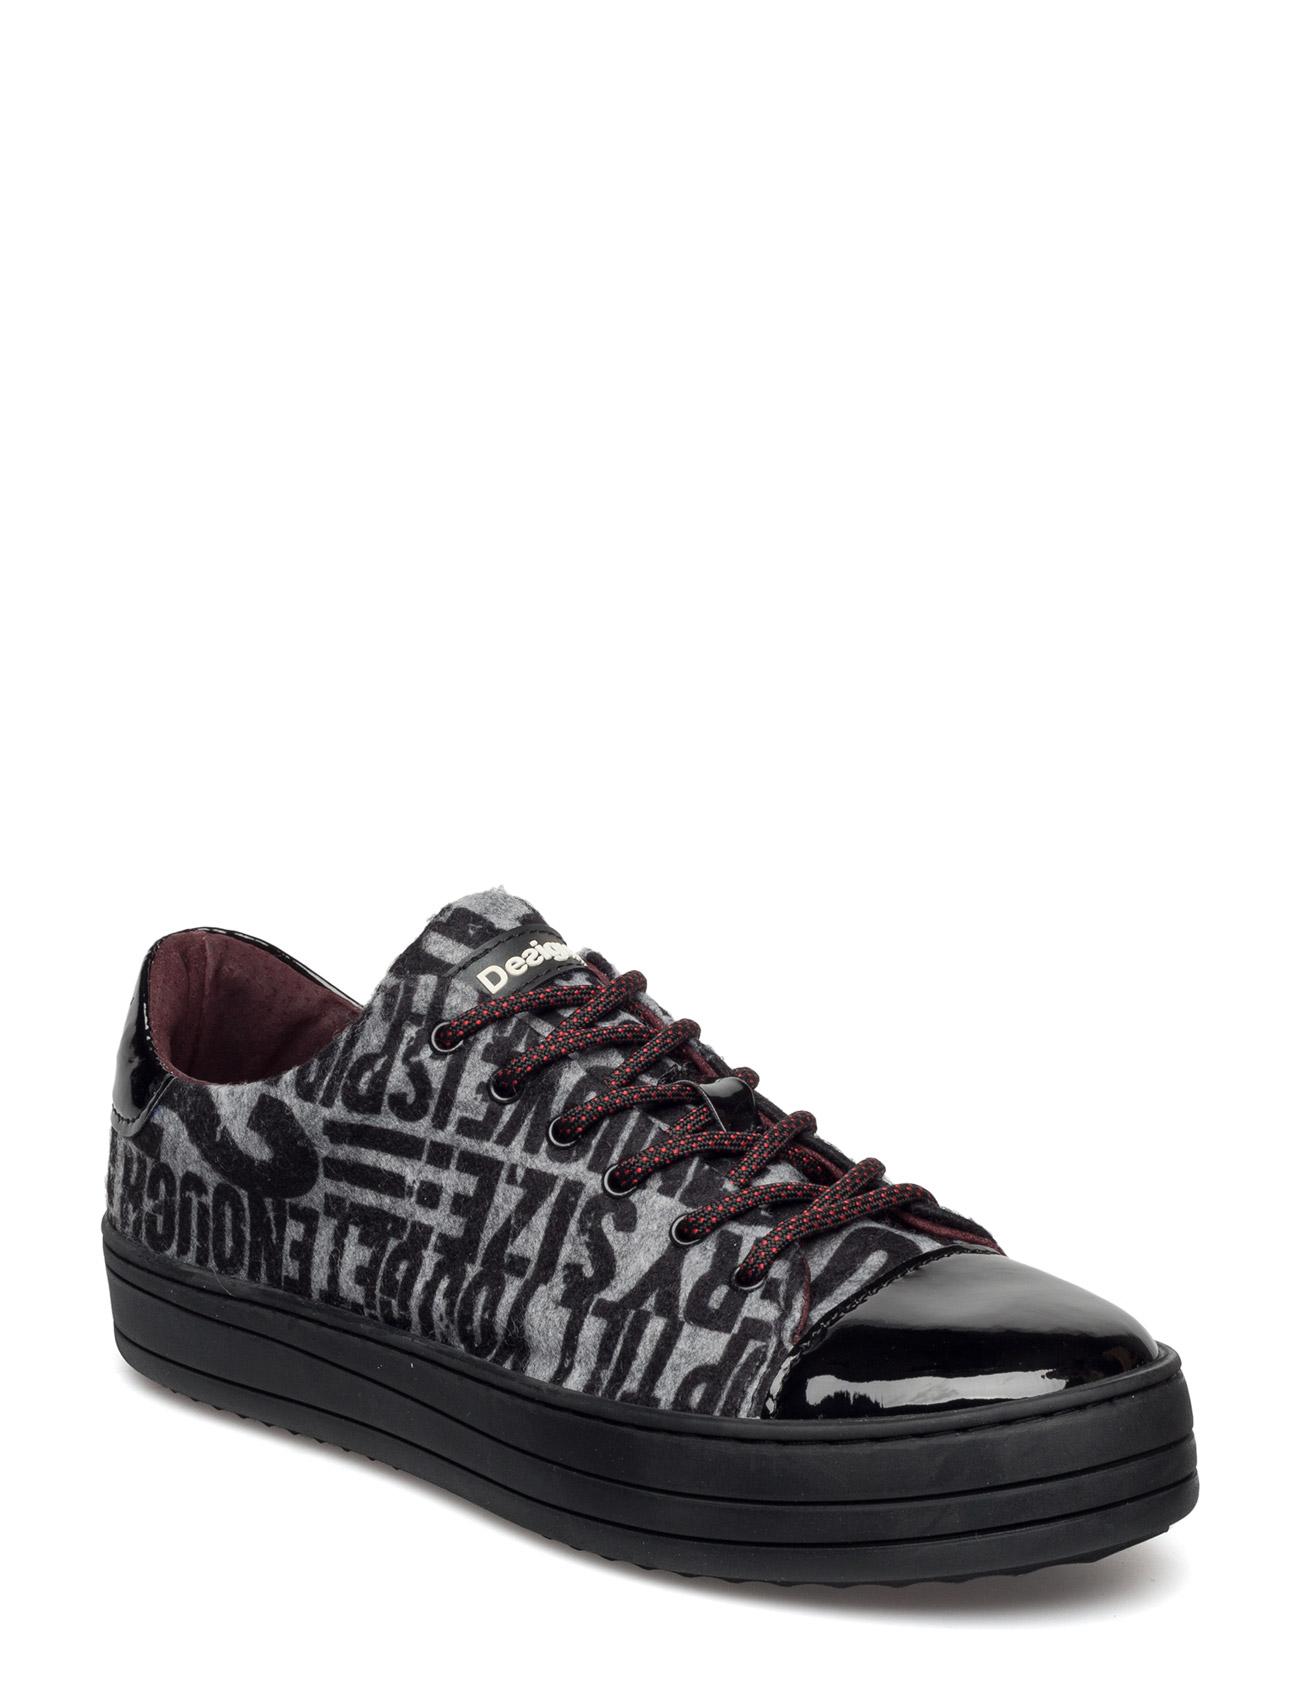 Shoes Kartel Funky Desigual Shoes Sneakers til Damer i neger